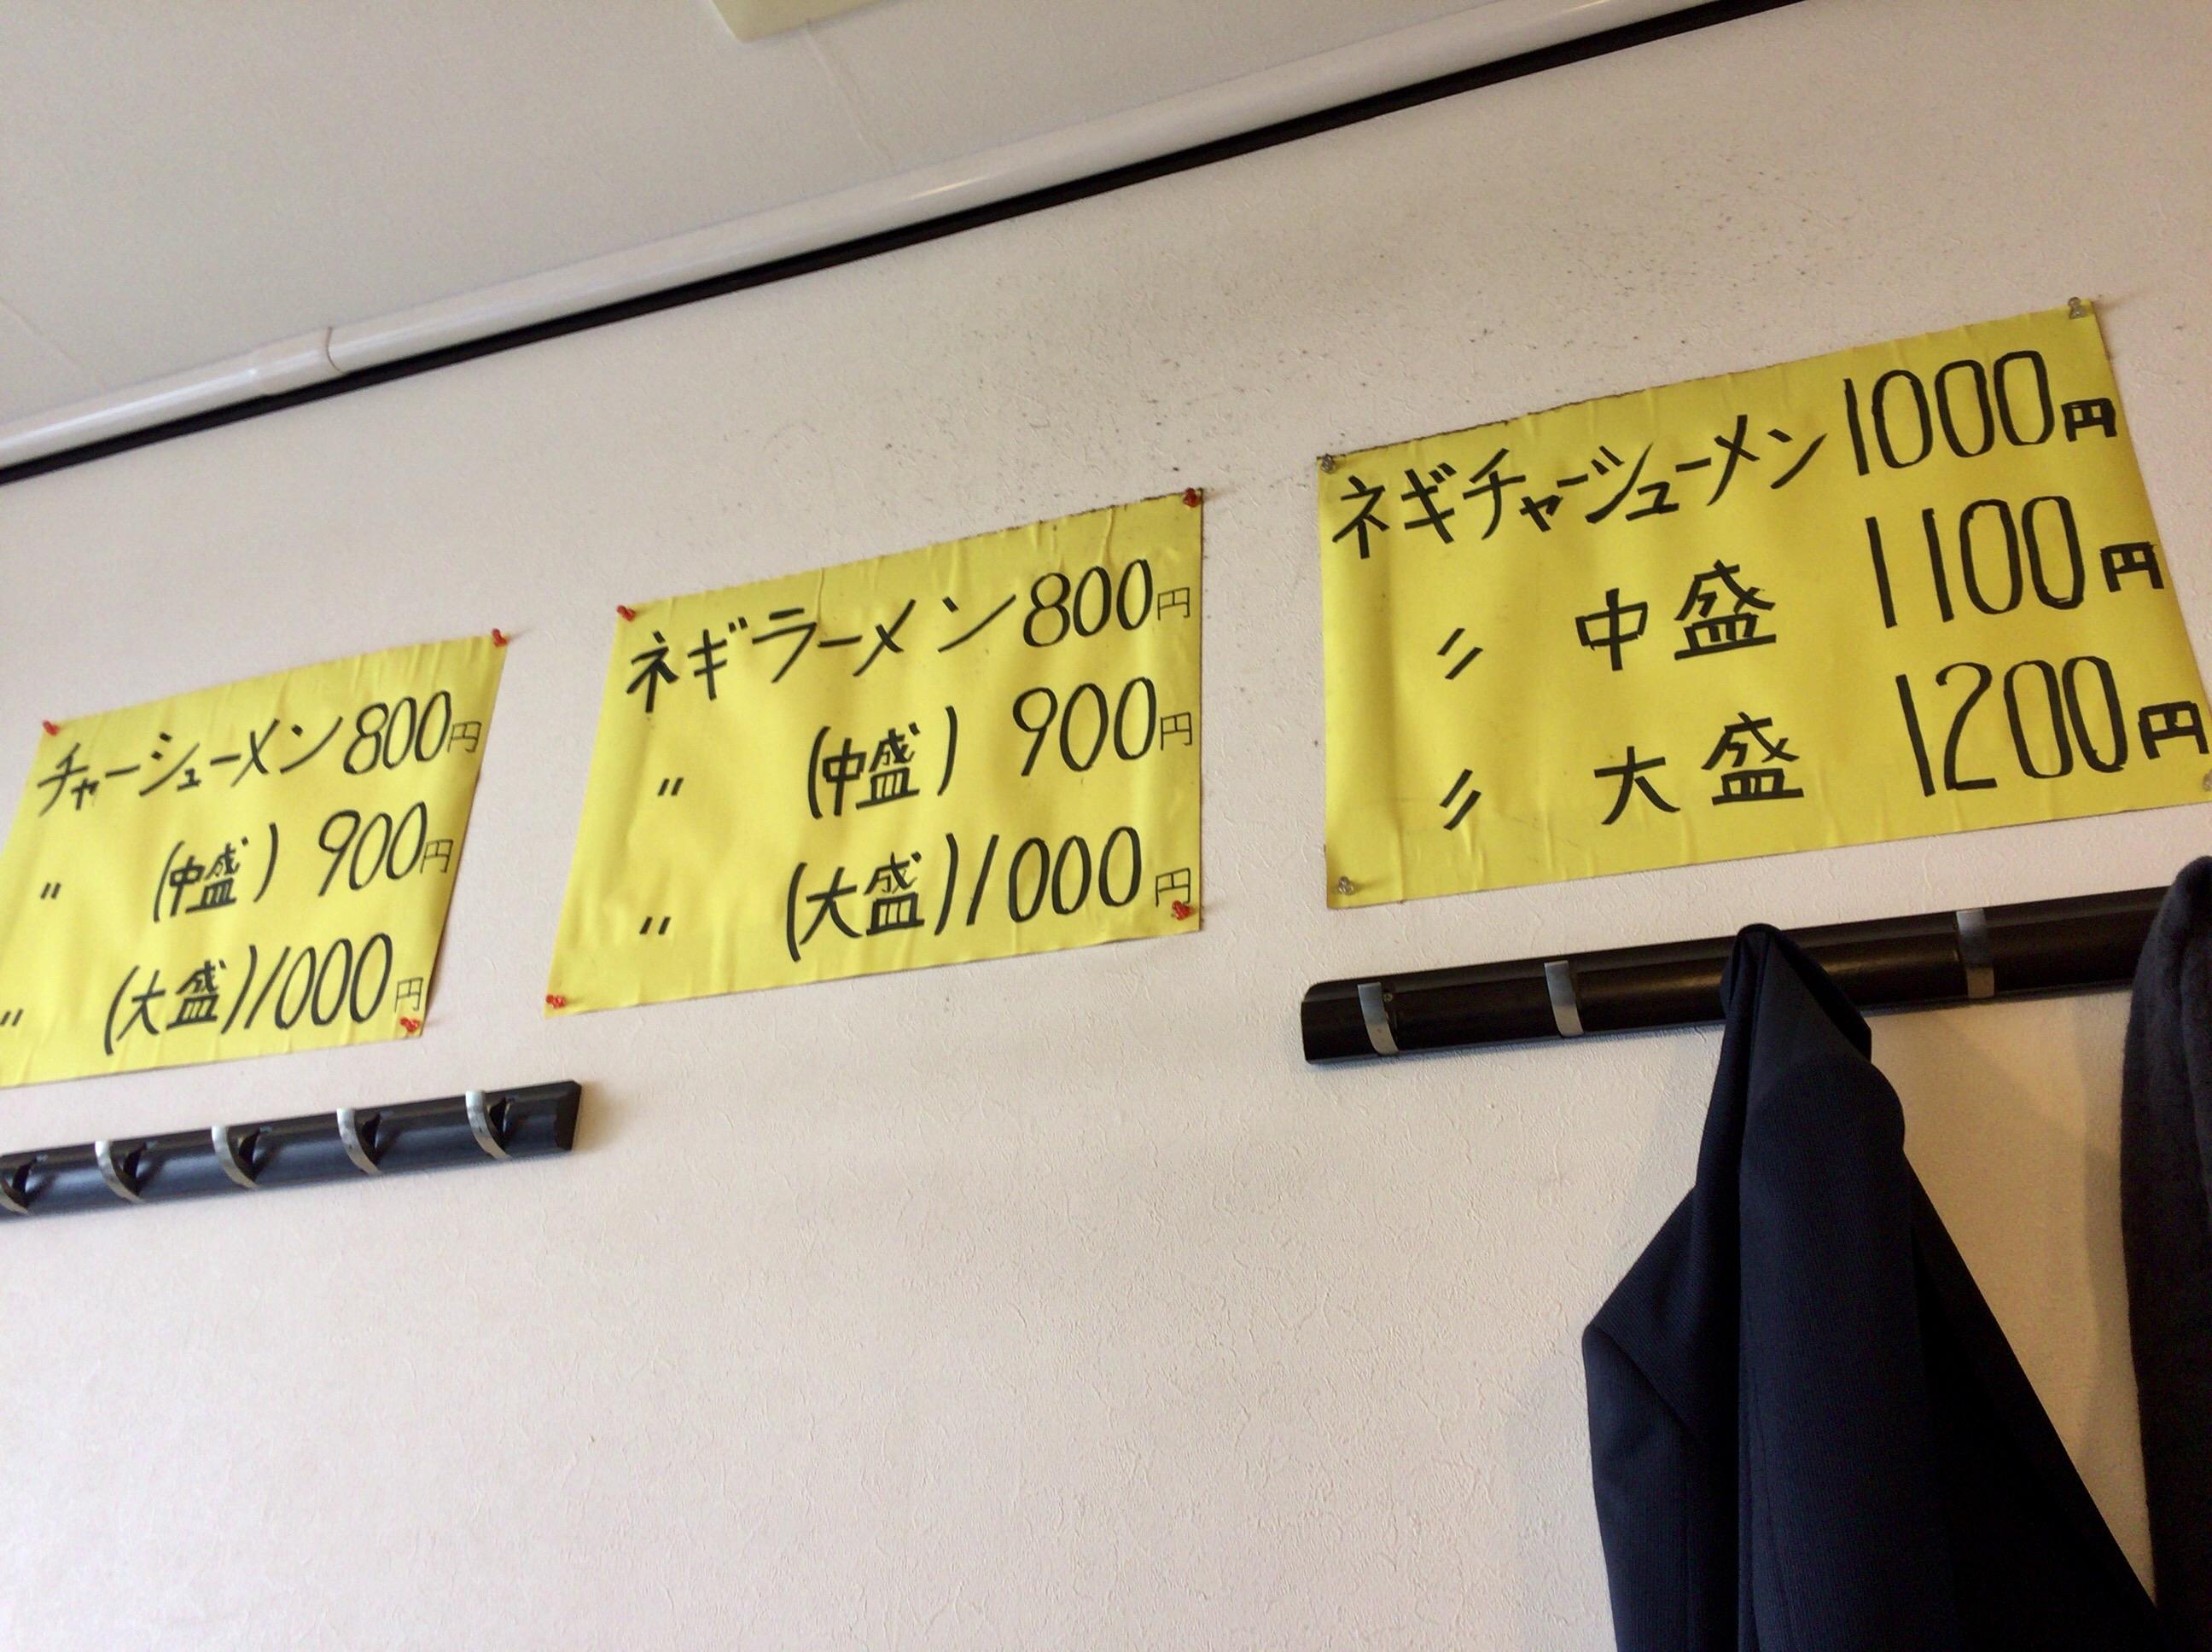 掛川 ラーメン 家系 ジェット屋